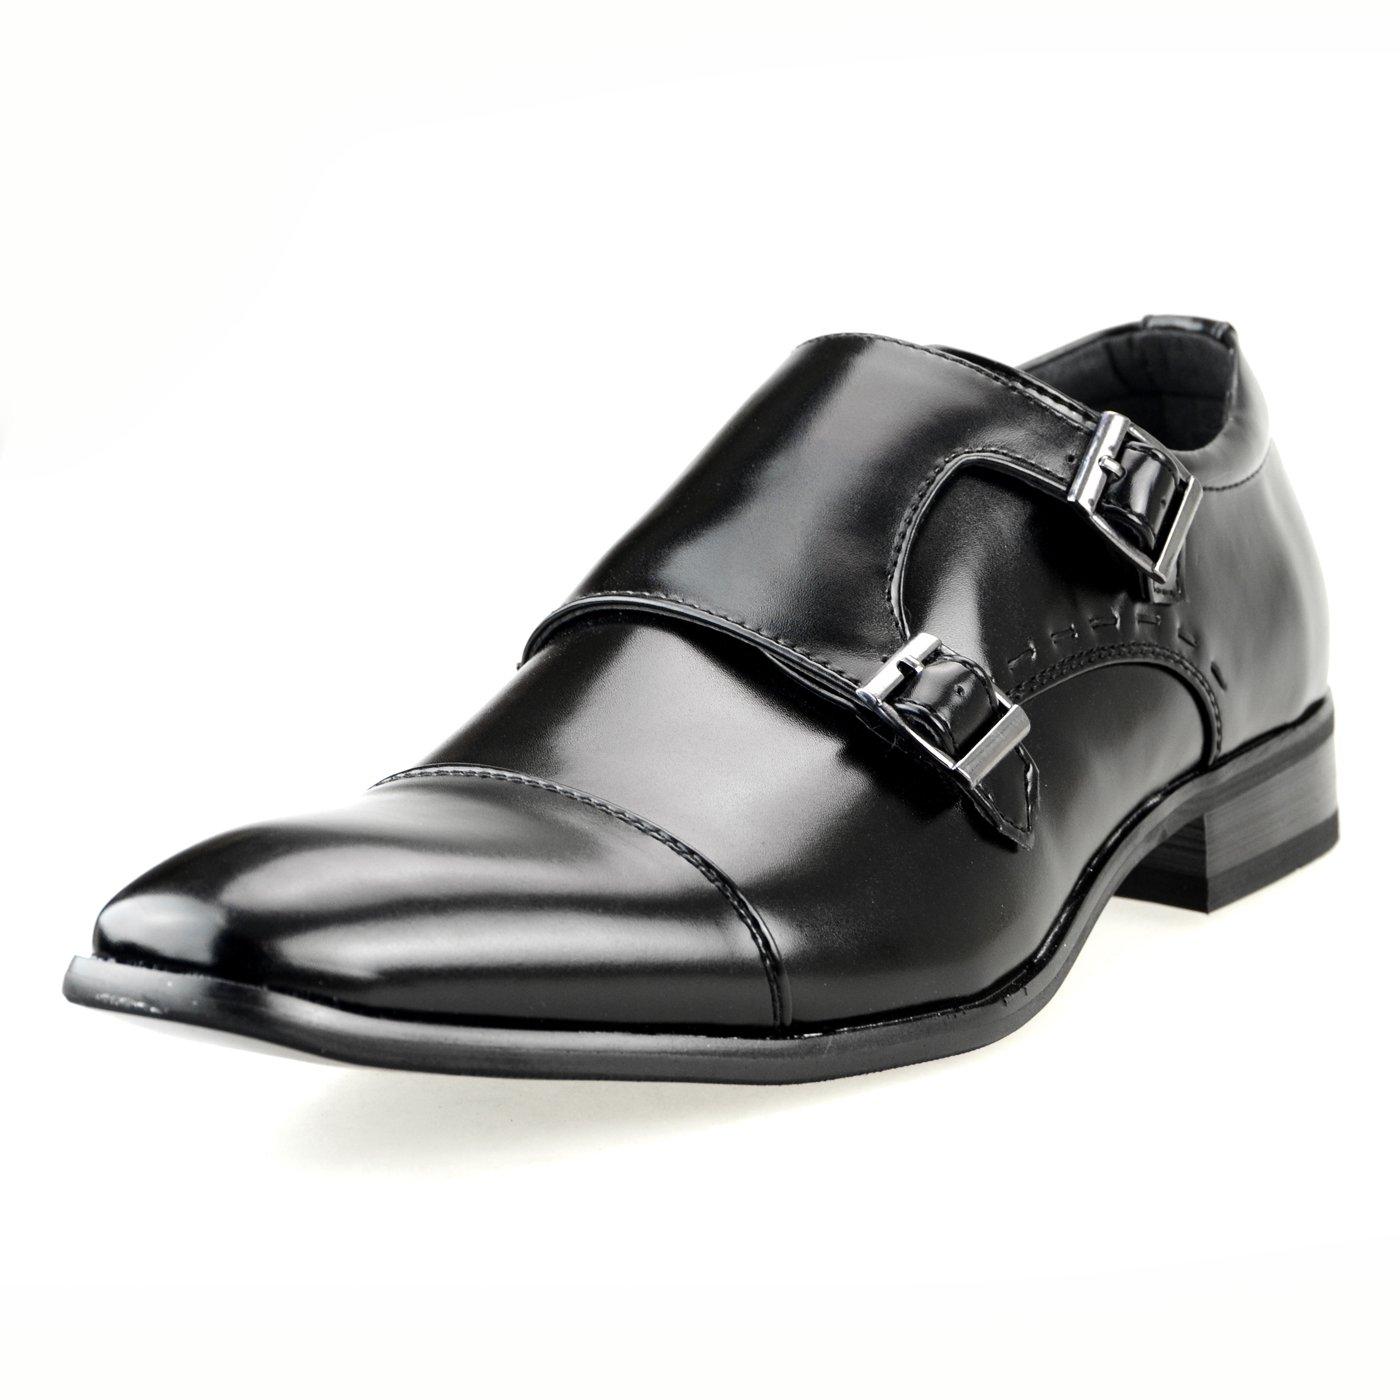 MM/ONE Mens Shoes Slipon Dress Shoes Oxford Laceup Shoes Gift Shoes Black 42 EU (US Men's 9-9.5 M)